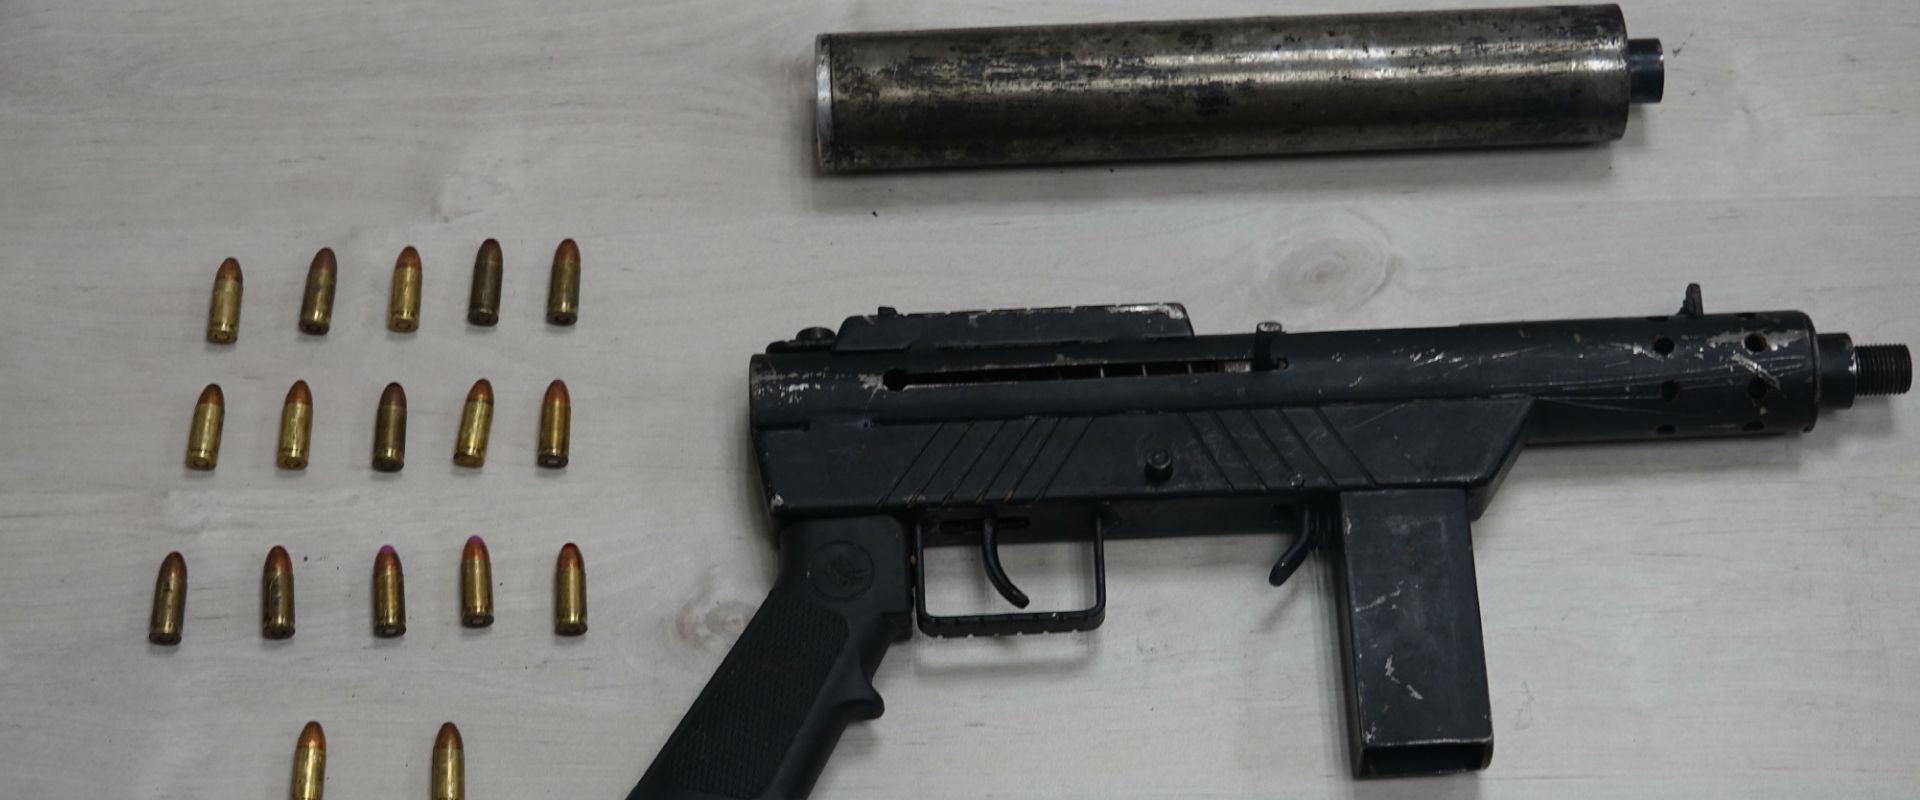 הנשק שנתפס על ידי המשטרה